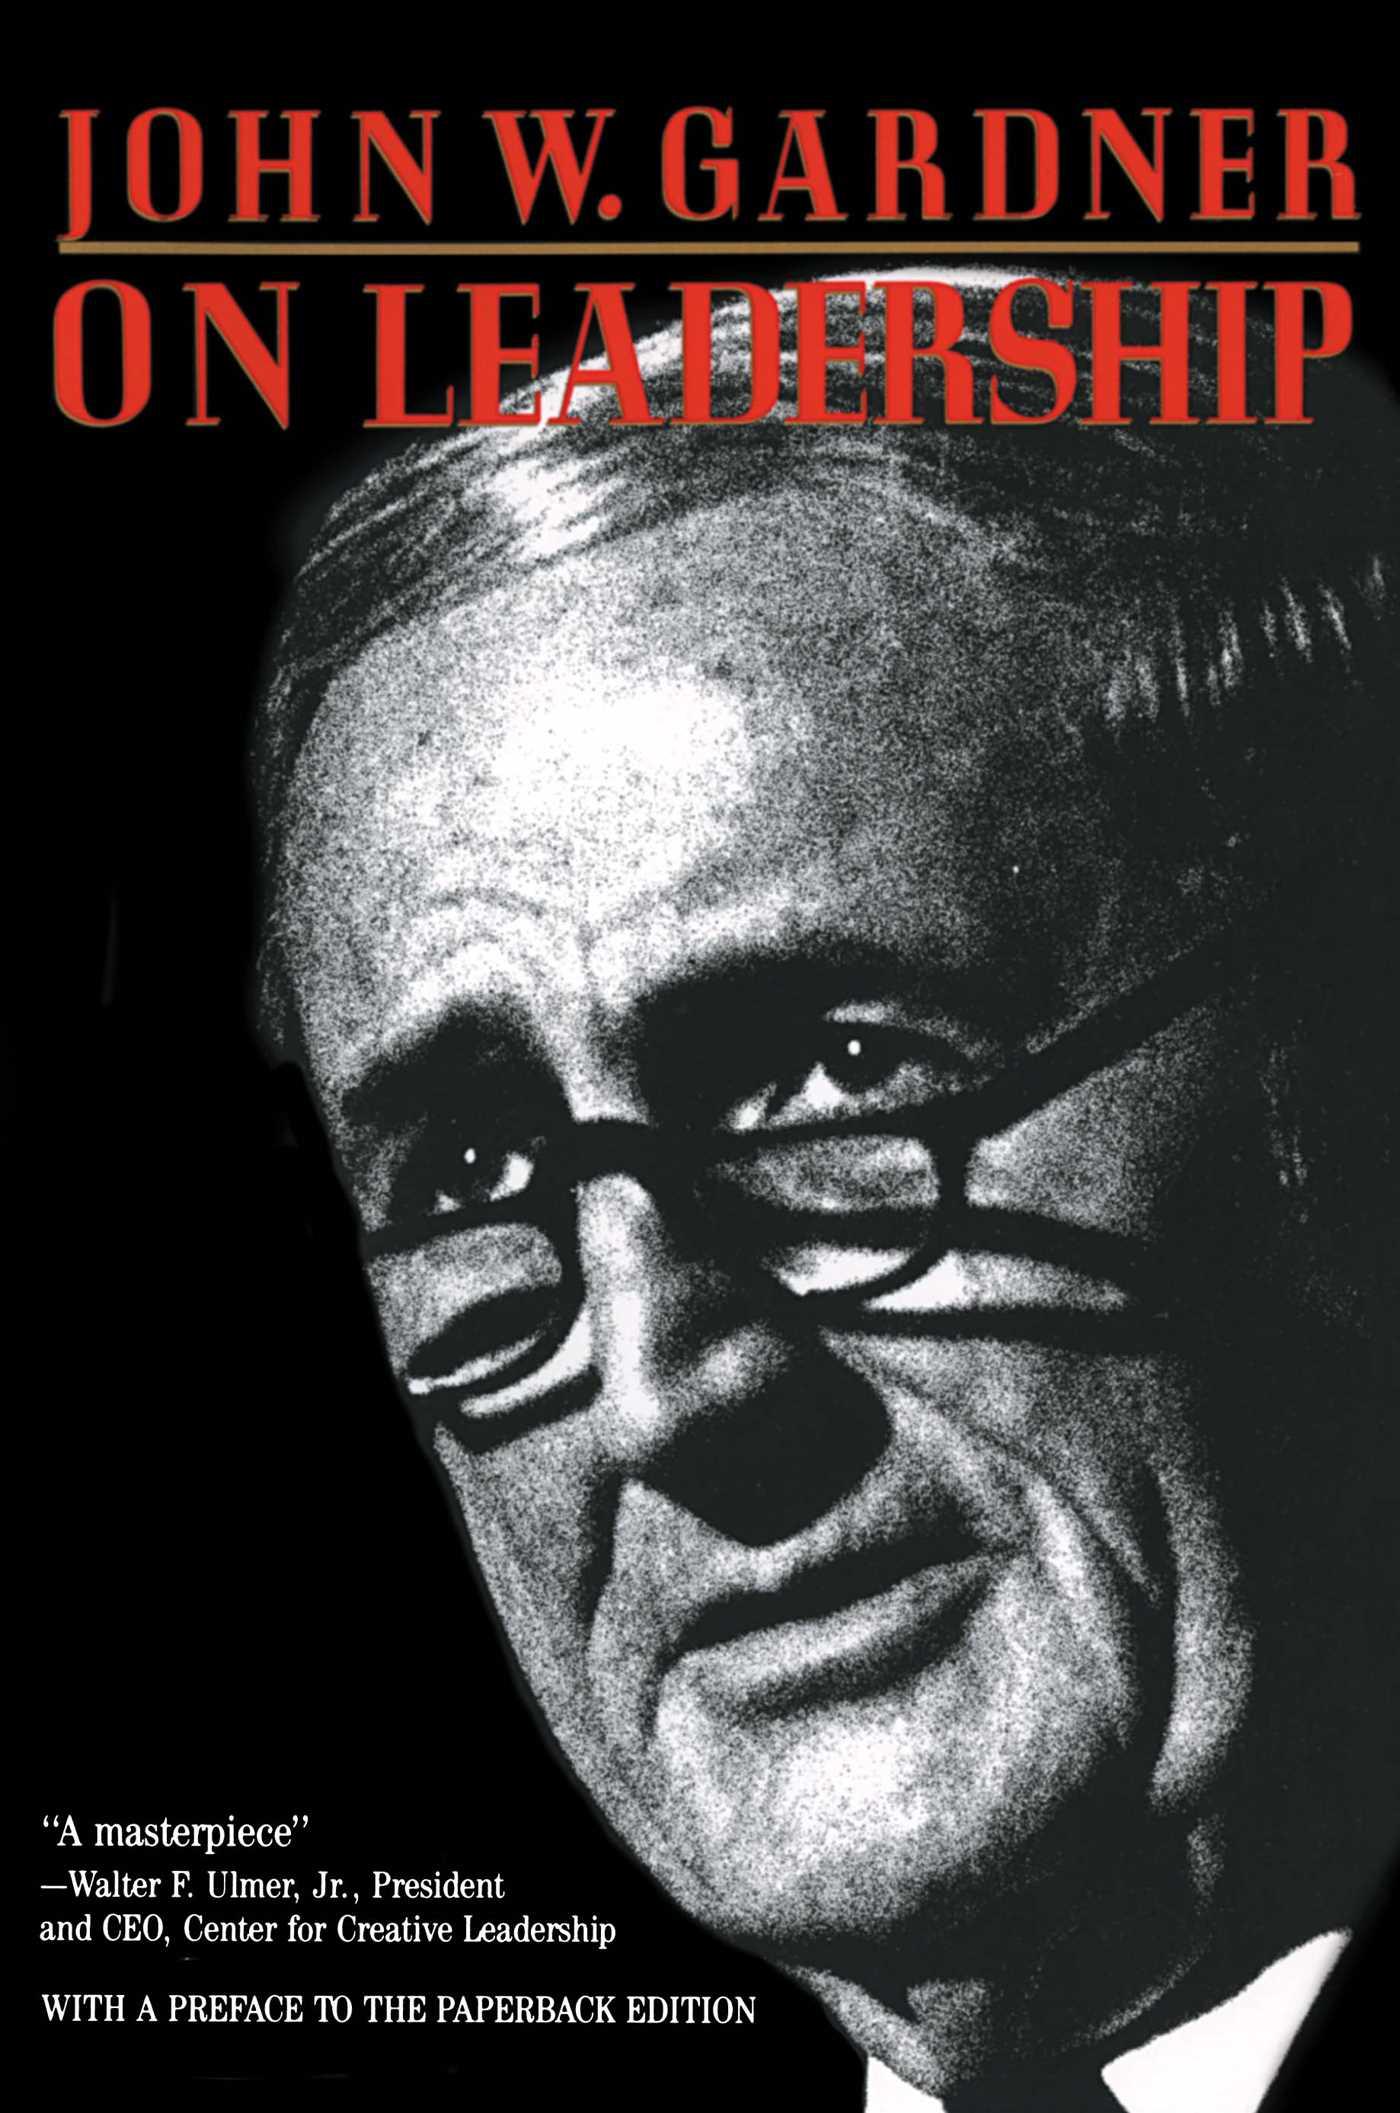 On leadership 9780029113127 hr